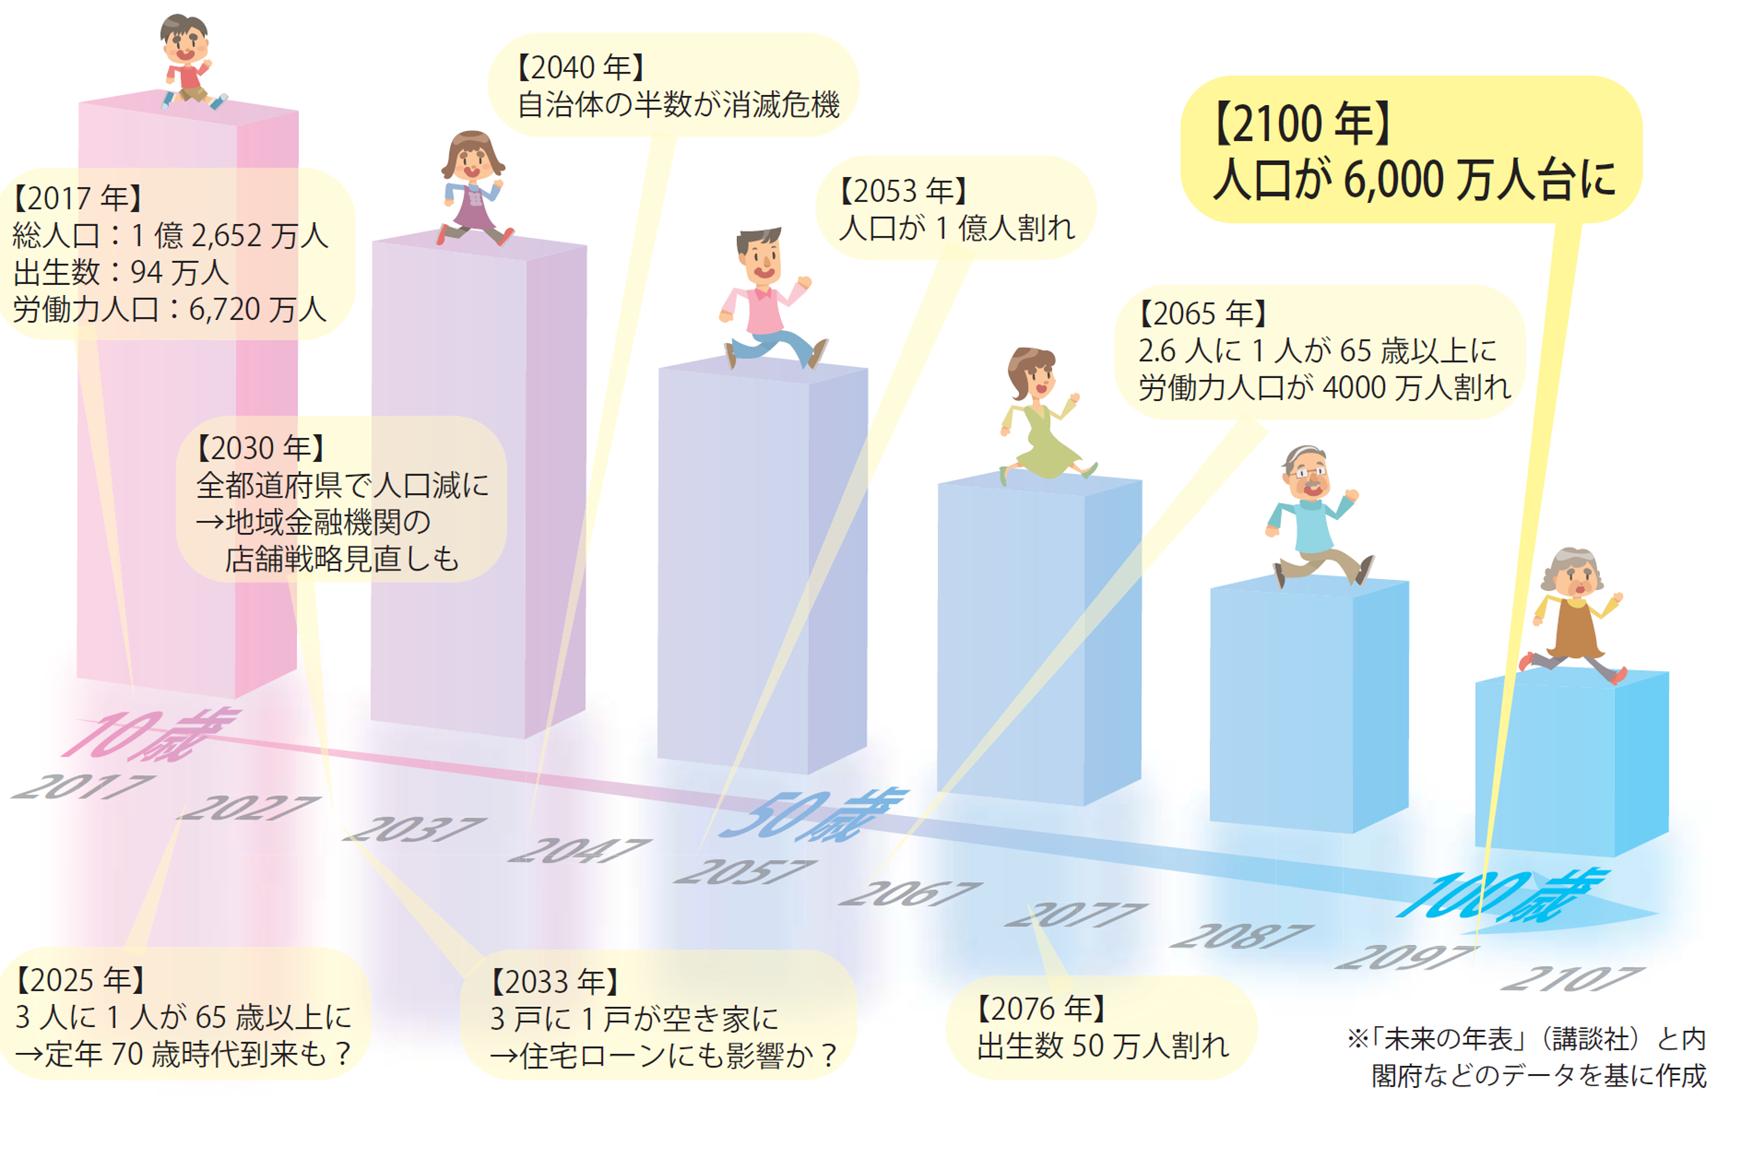 2018年4月6日号1面 【連載】人生100年時代の金融(1)重み増す「資産寿命」